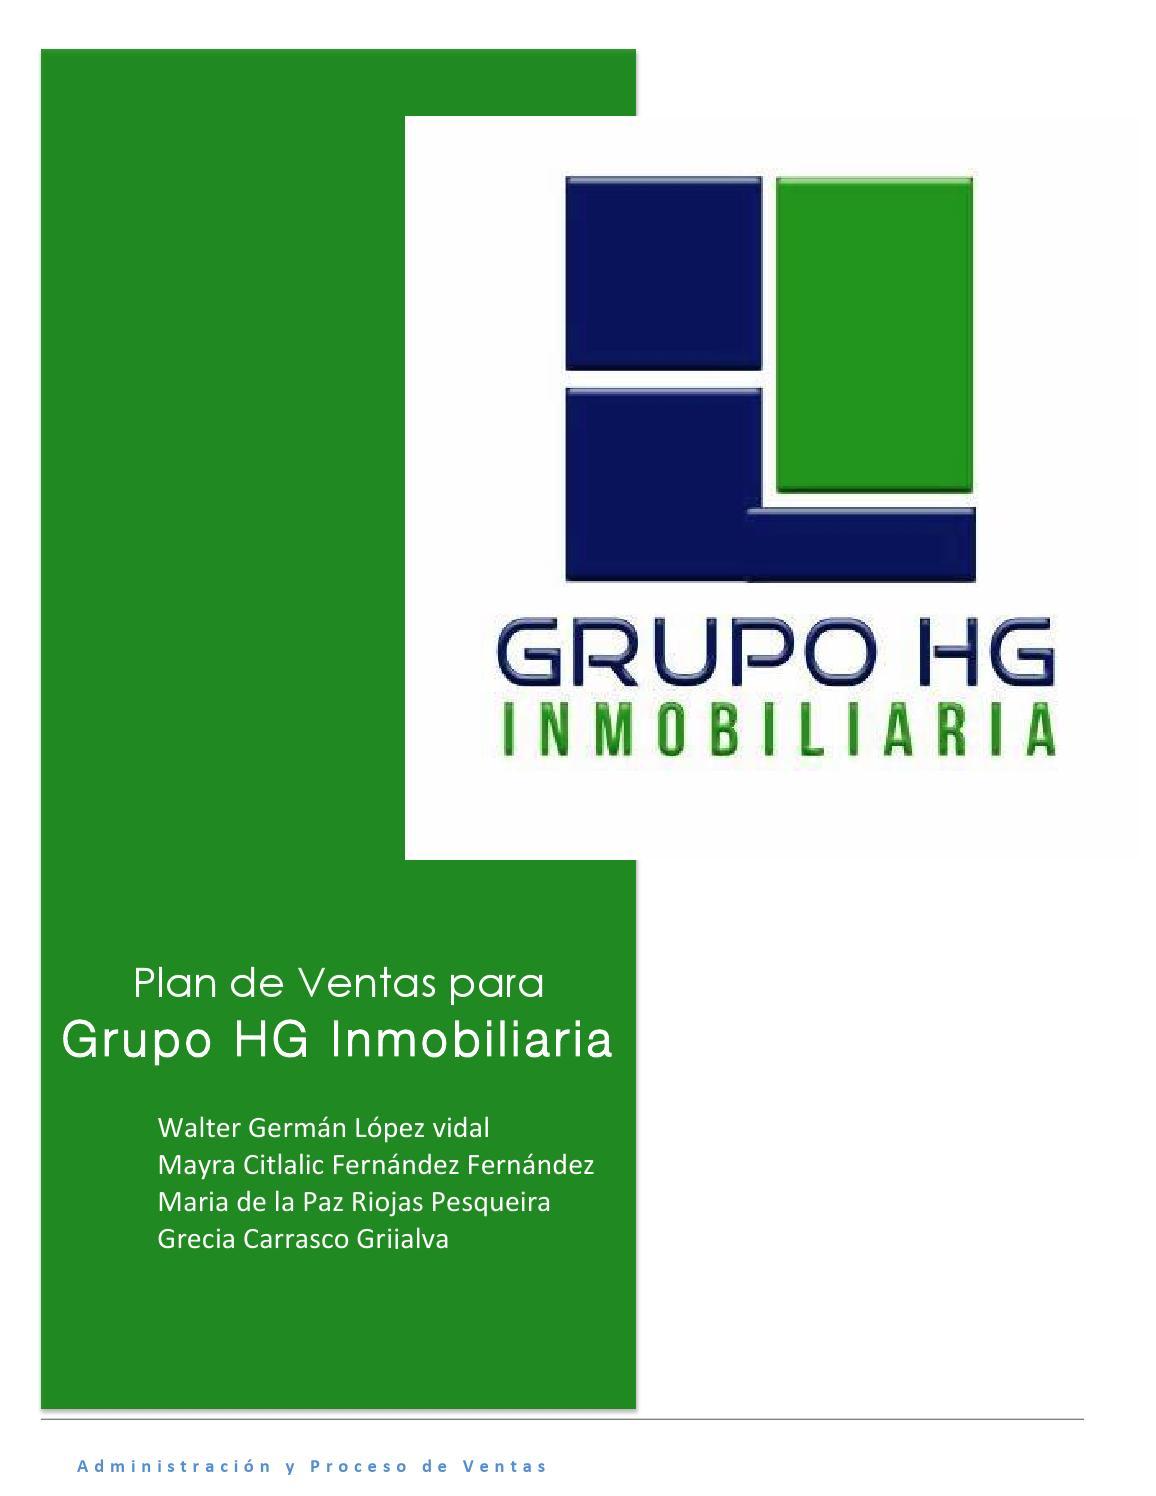 Plan de ventas para grupo hg inmobiliaria by maripazriojas - issuu